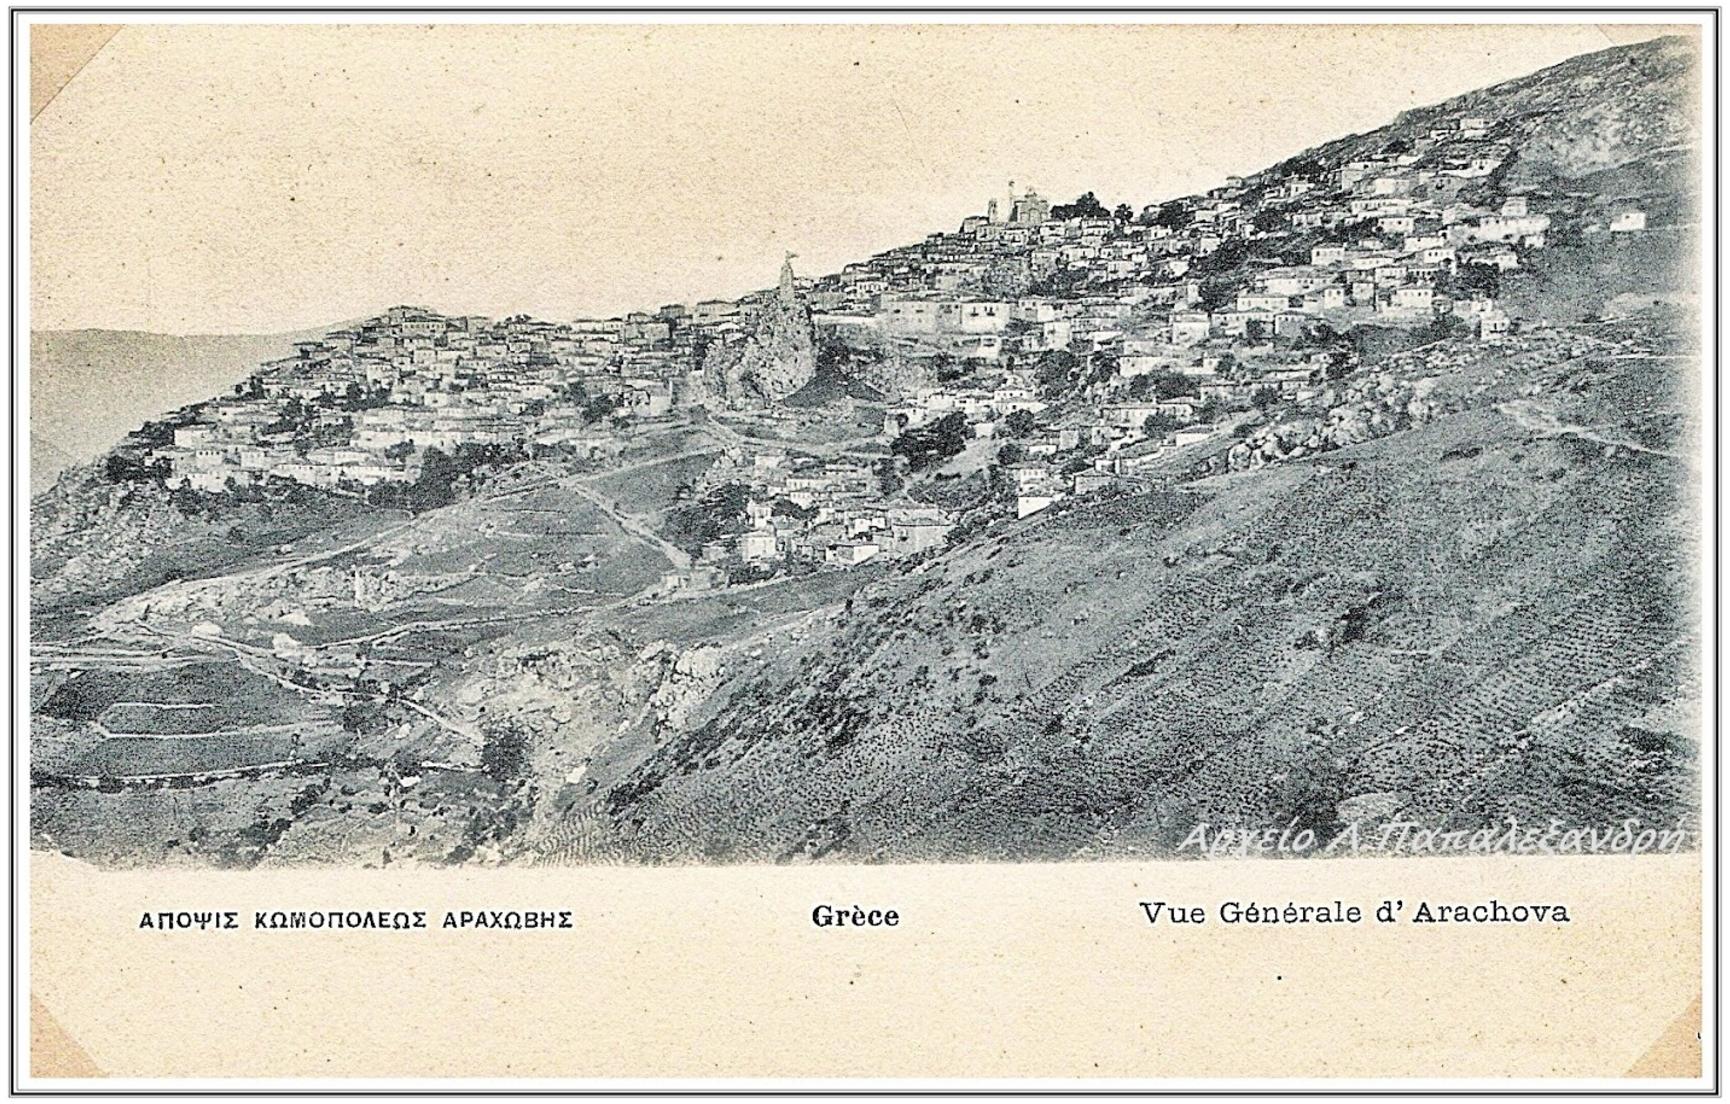 πανοραμικη ανατολική άποψη της Αράχωβας